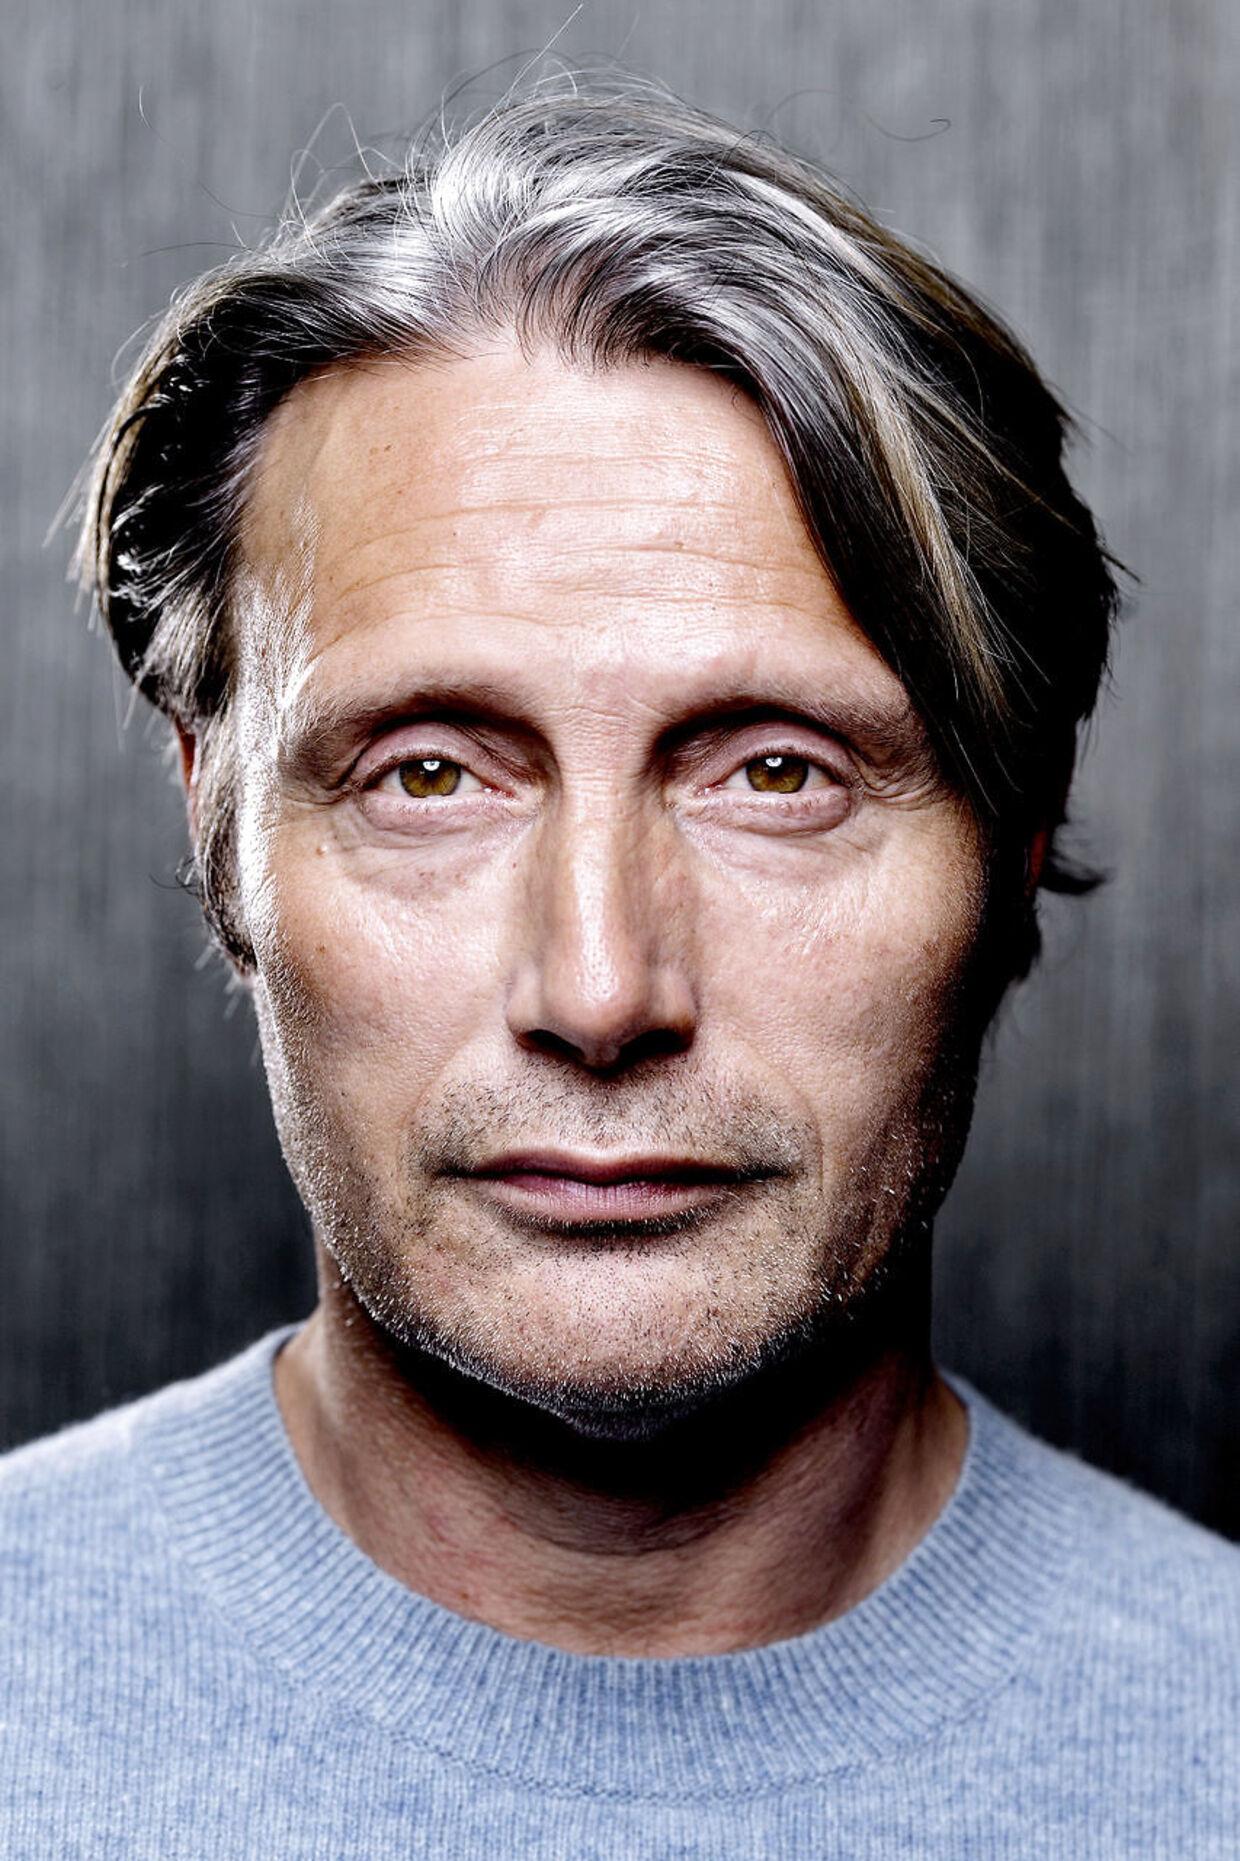 Mads Mikkelsen tabte sig otte kilo under optagelserne til filmen Arctic.